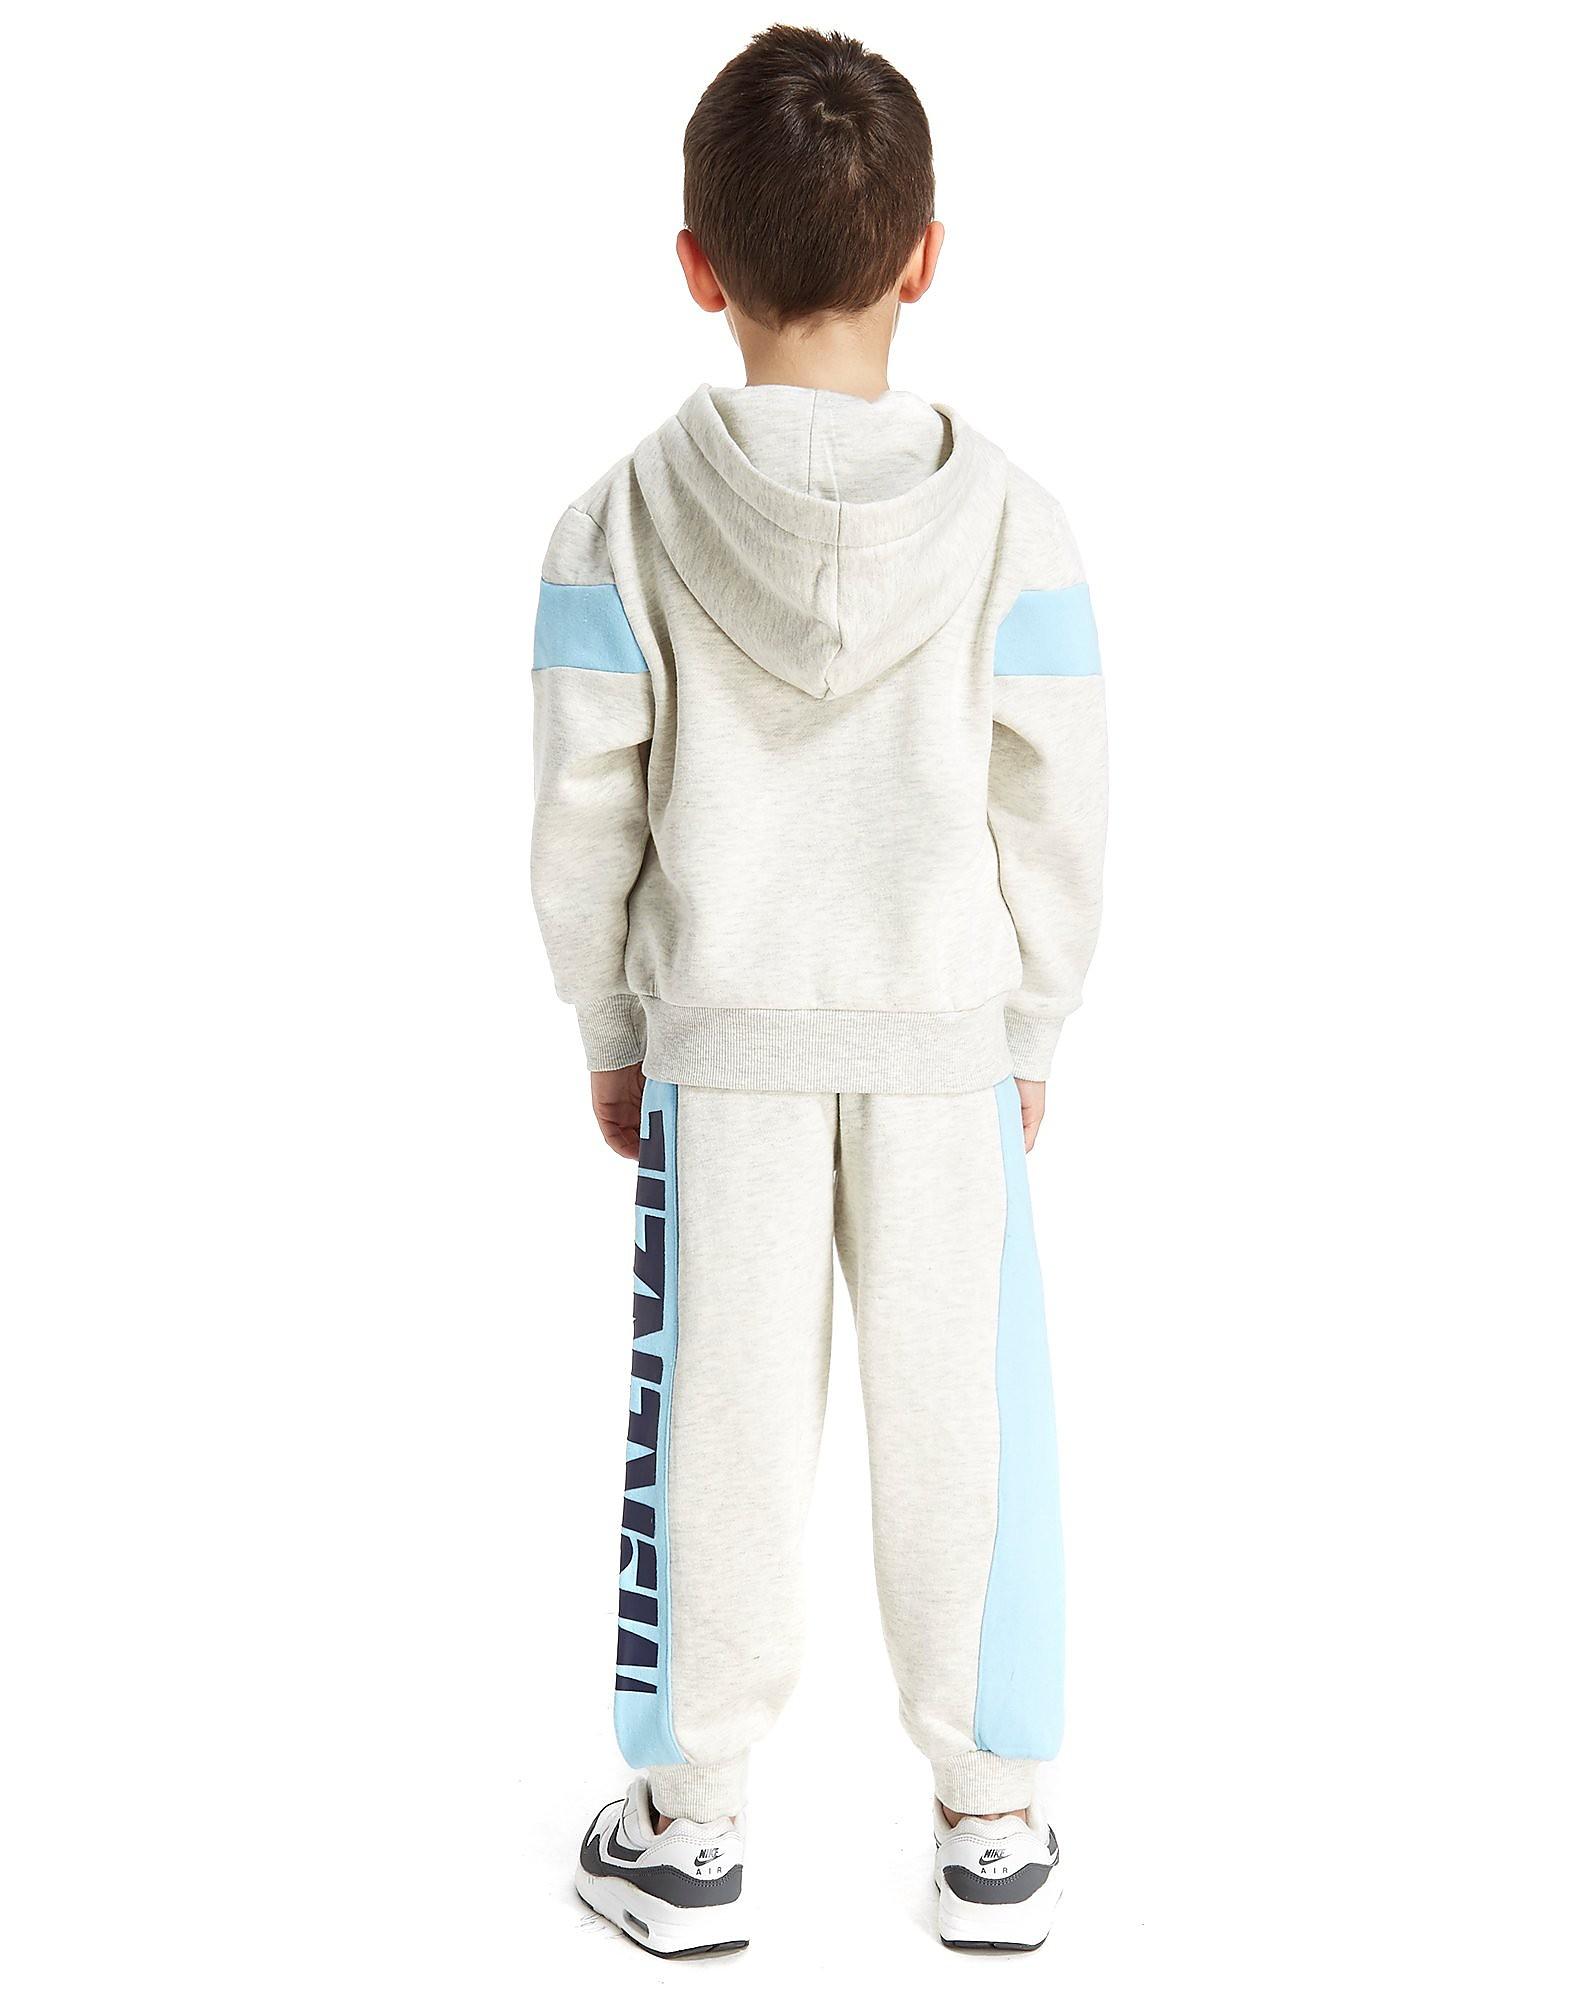 McKenzie Dunbar Suit Children